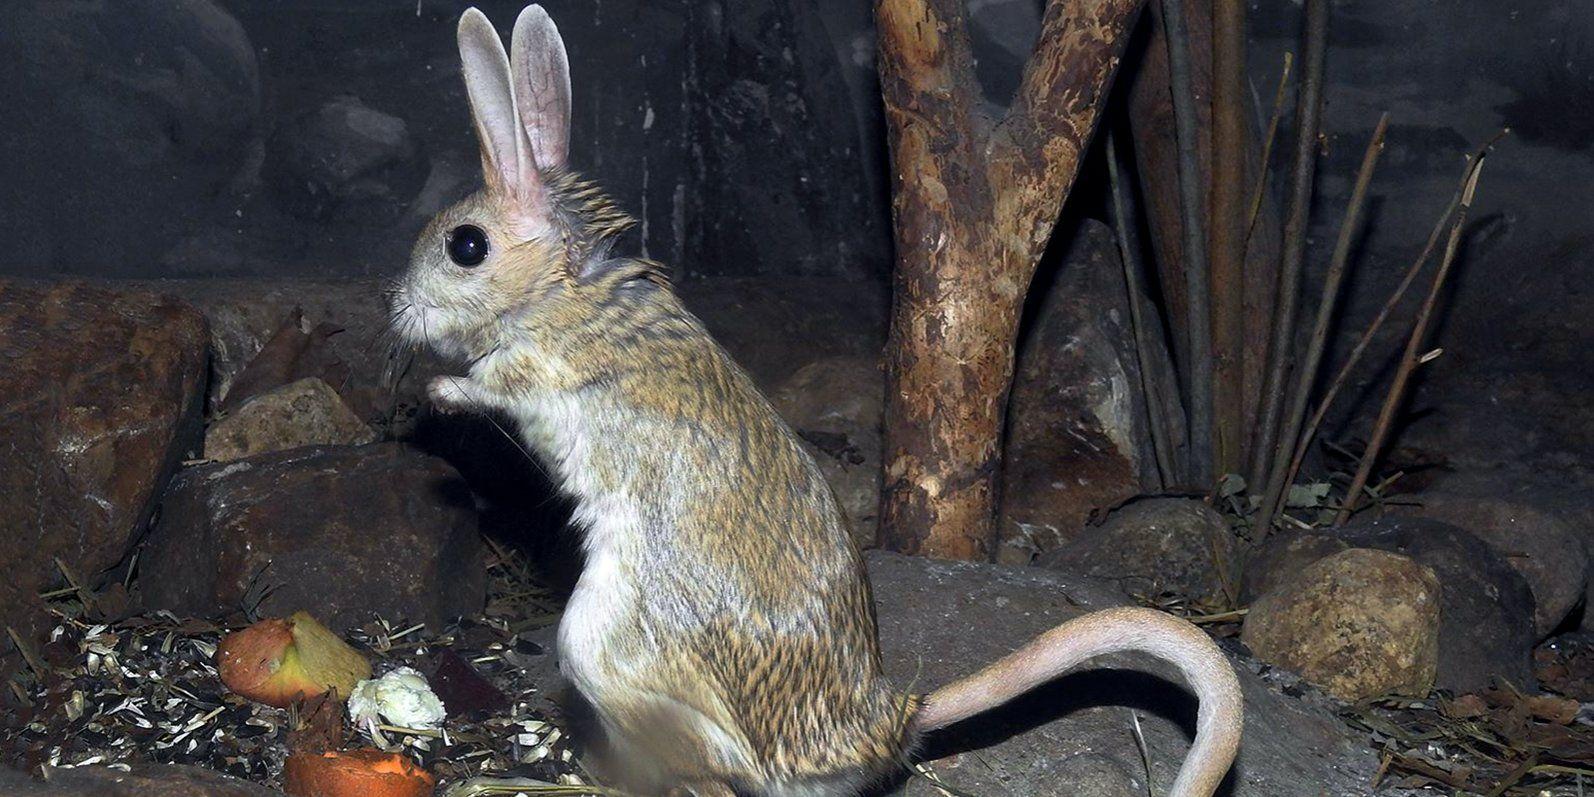 Тушканчиков Московского зоопарка разбудили после зимовки в холодильниках